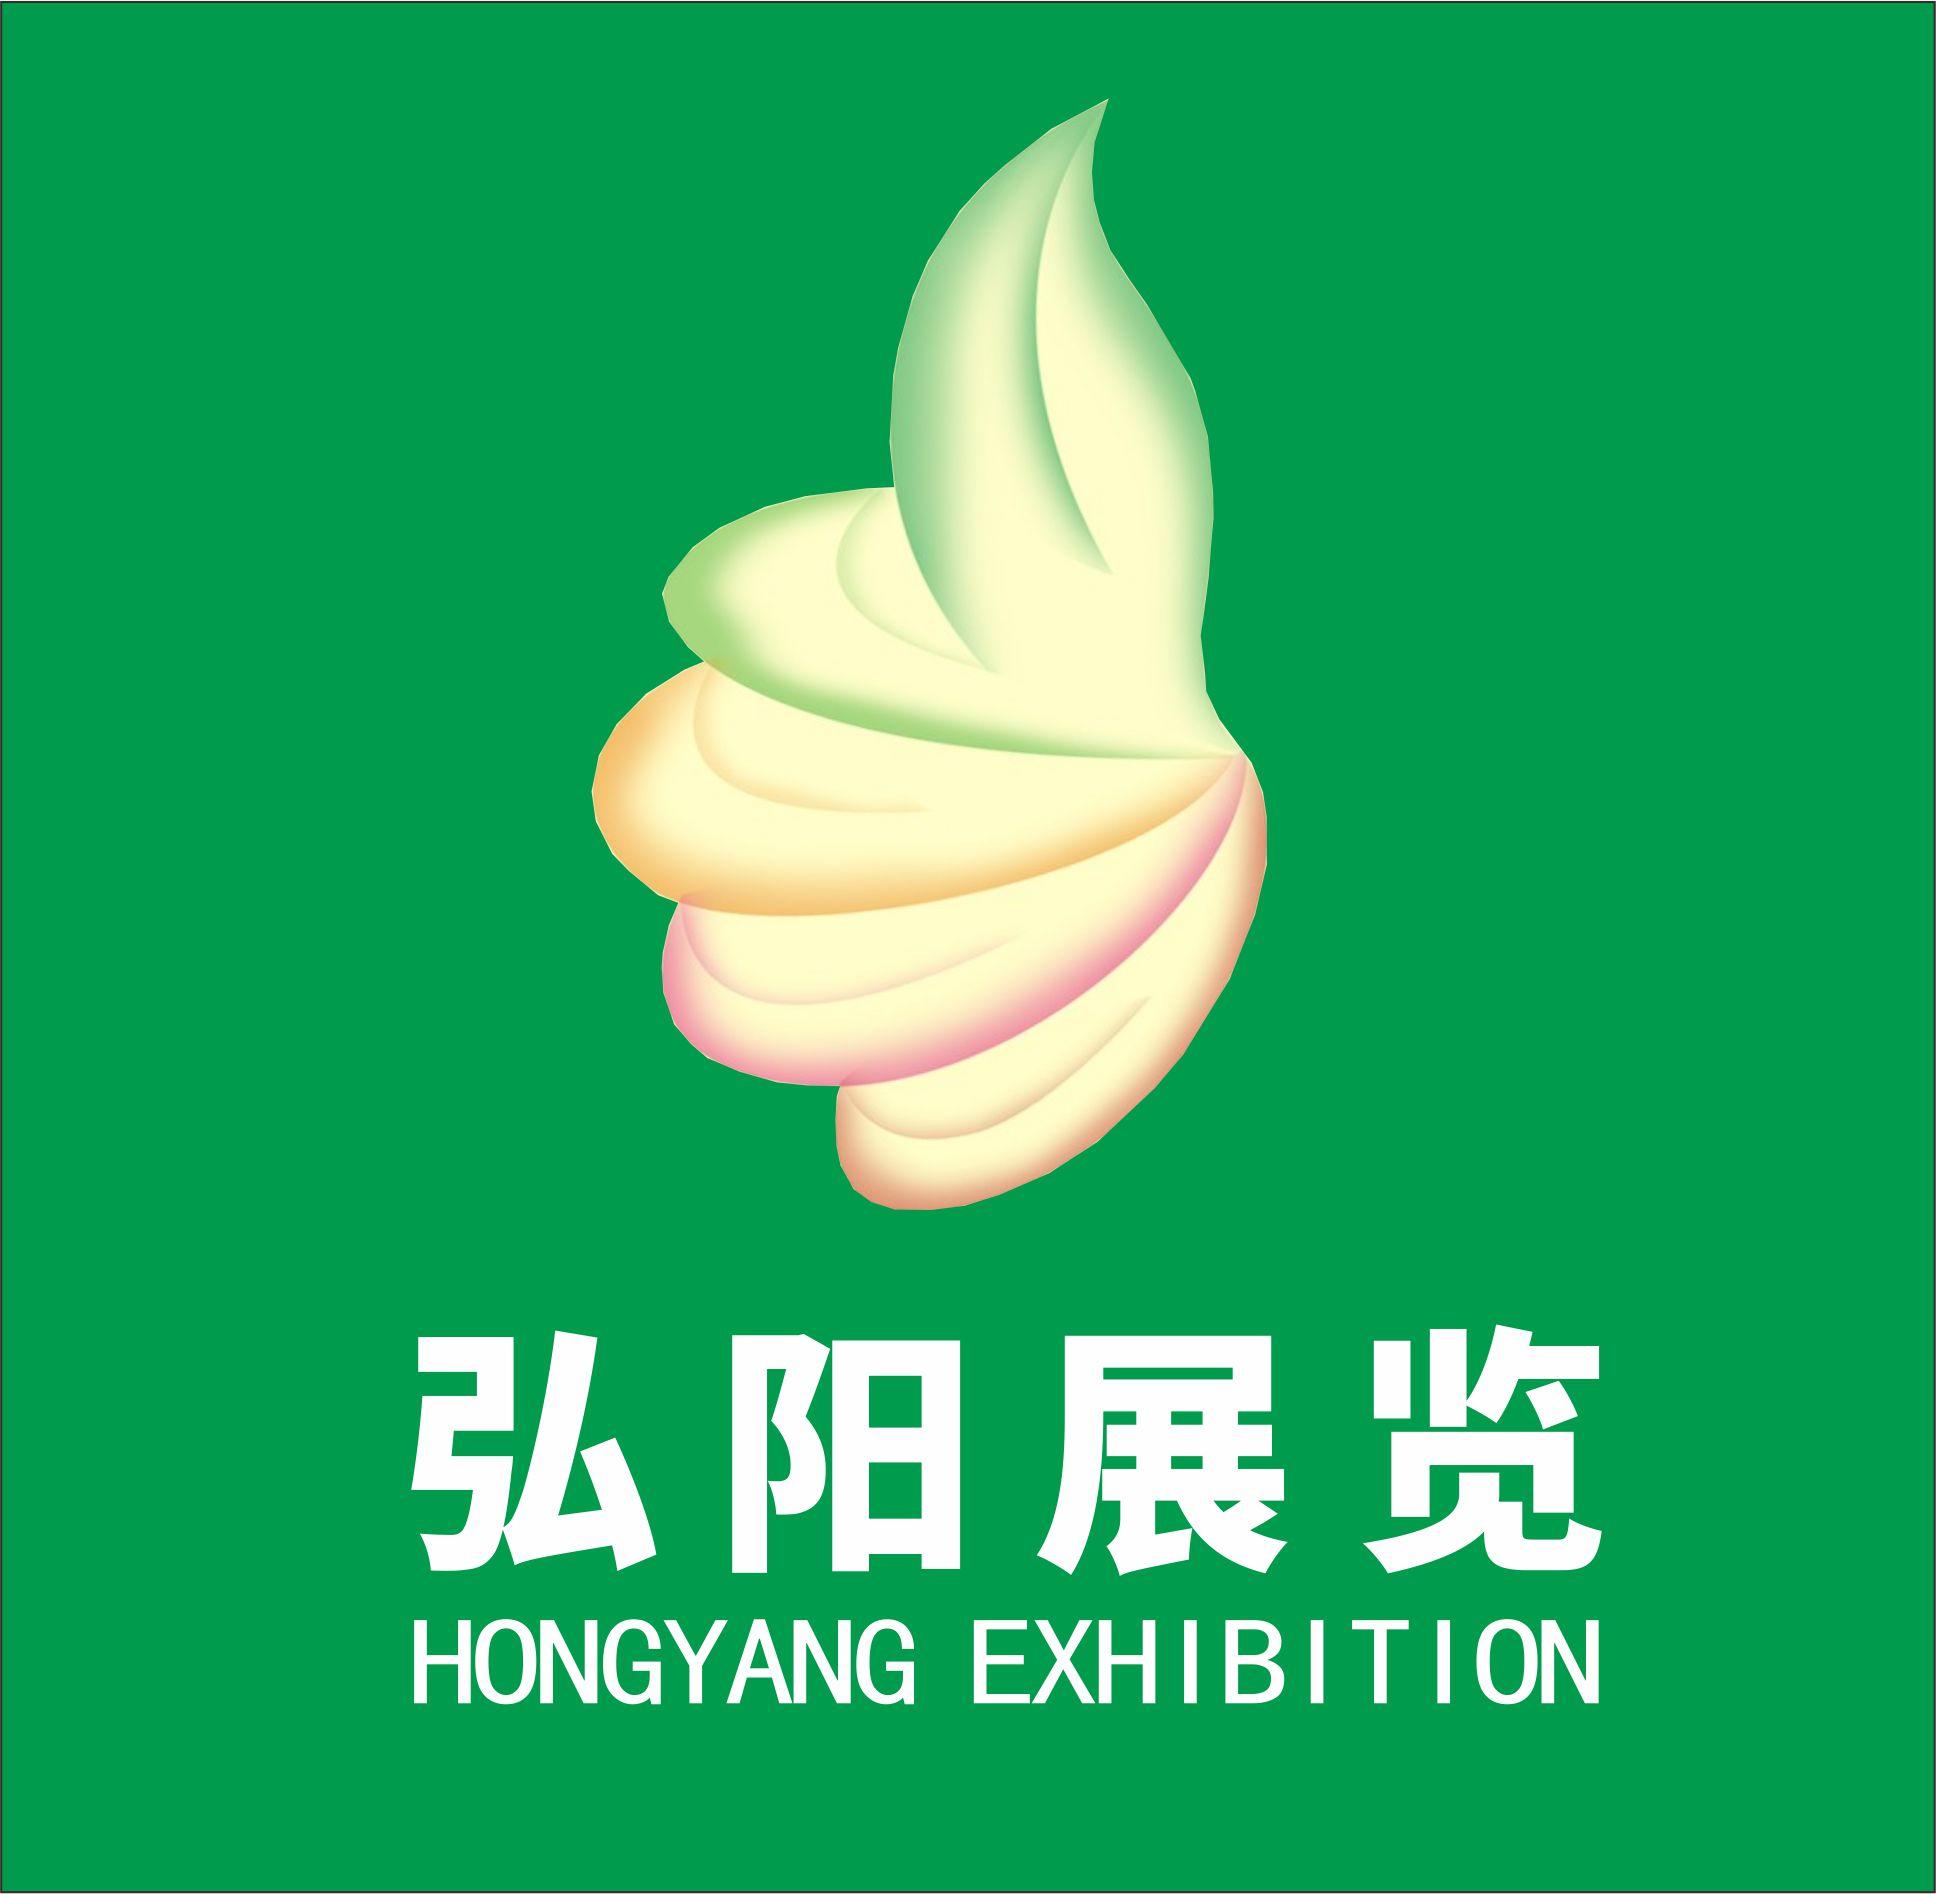 Hong yang zhan lan logo lu di